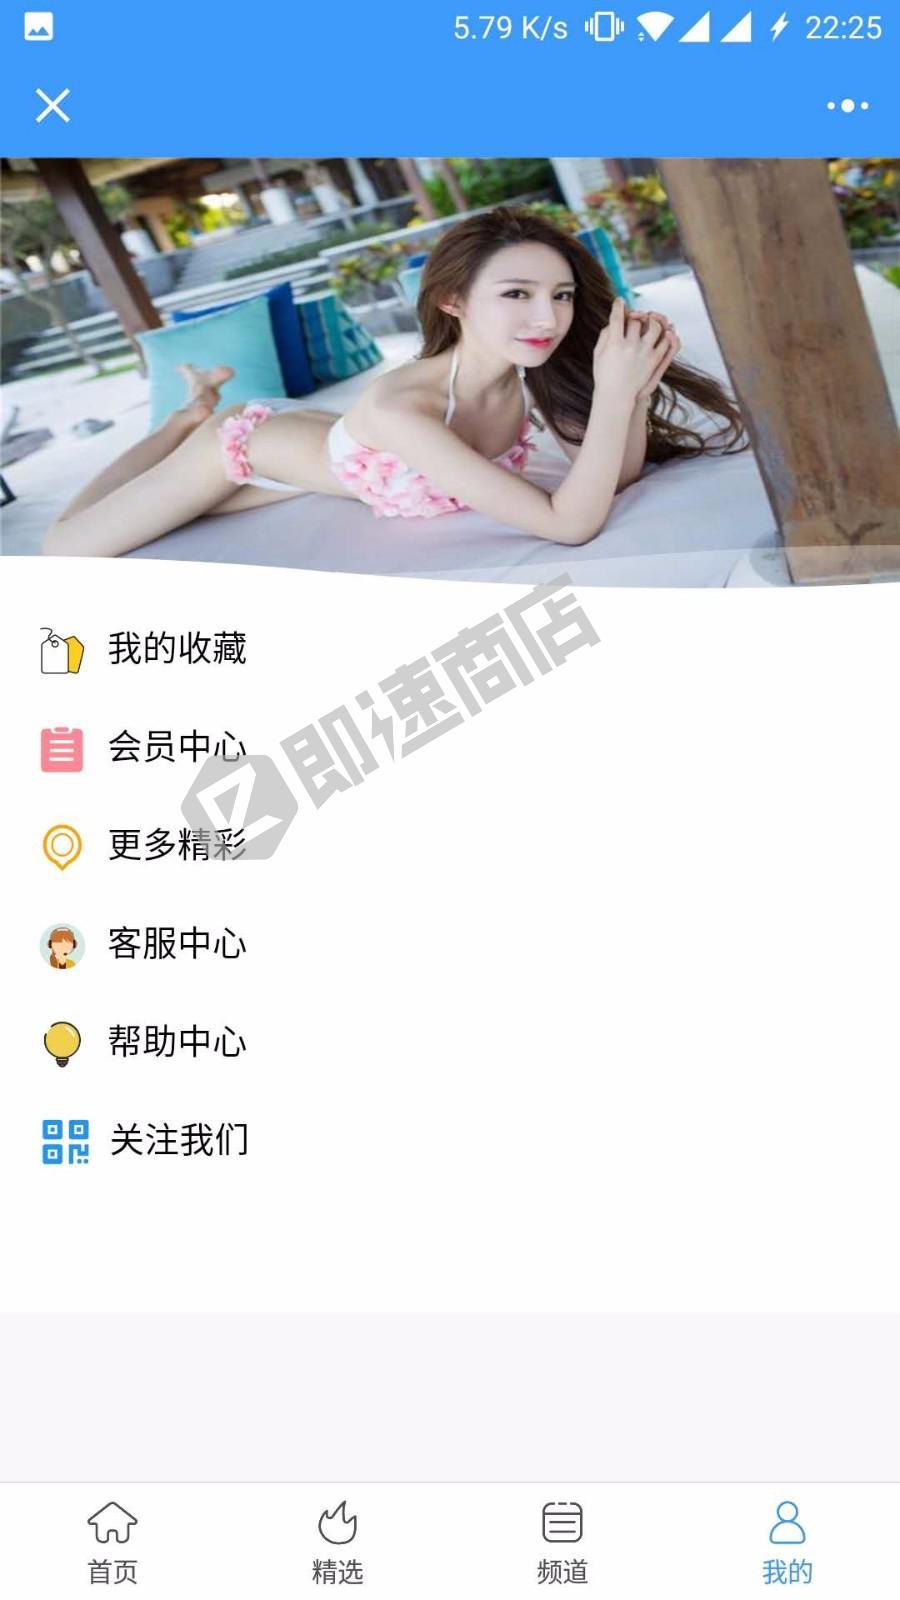 网红美女志小程序详情页截图2